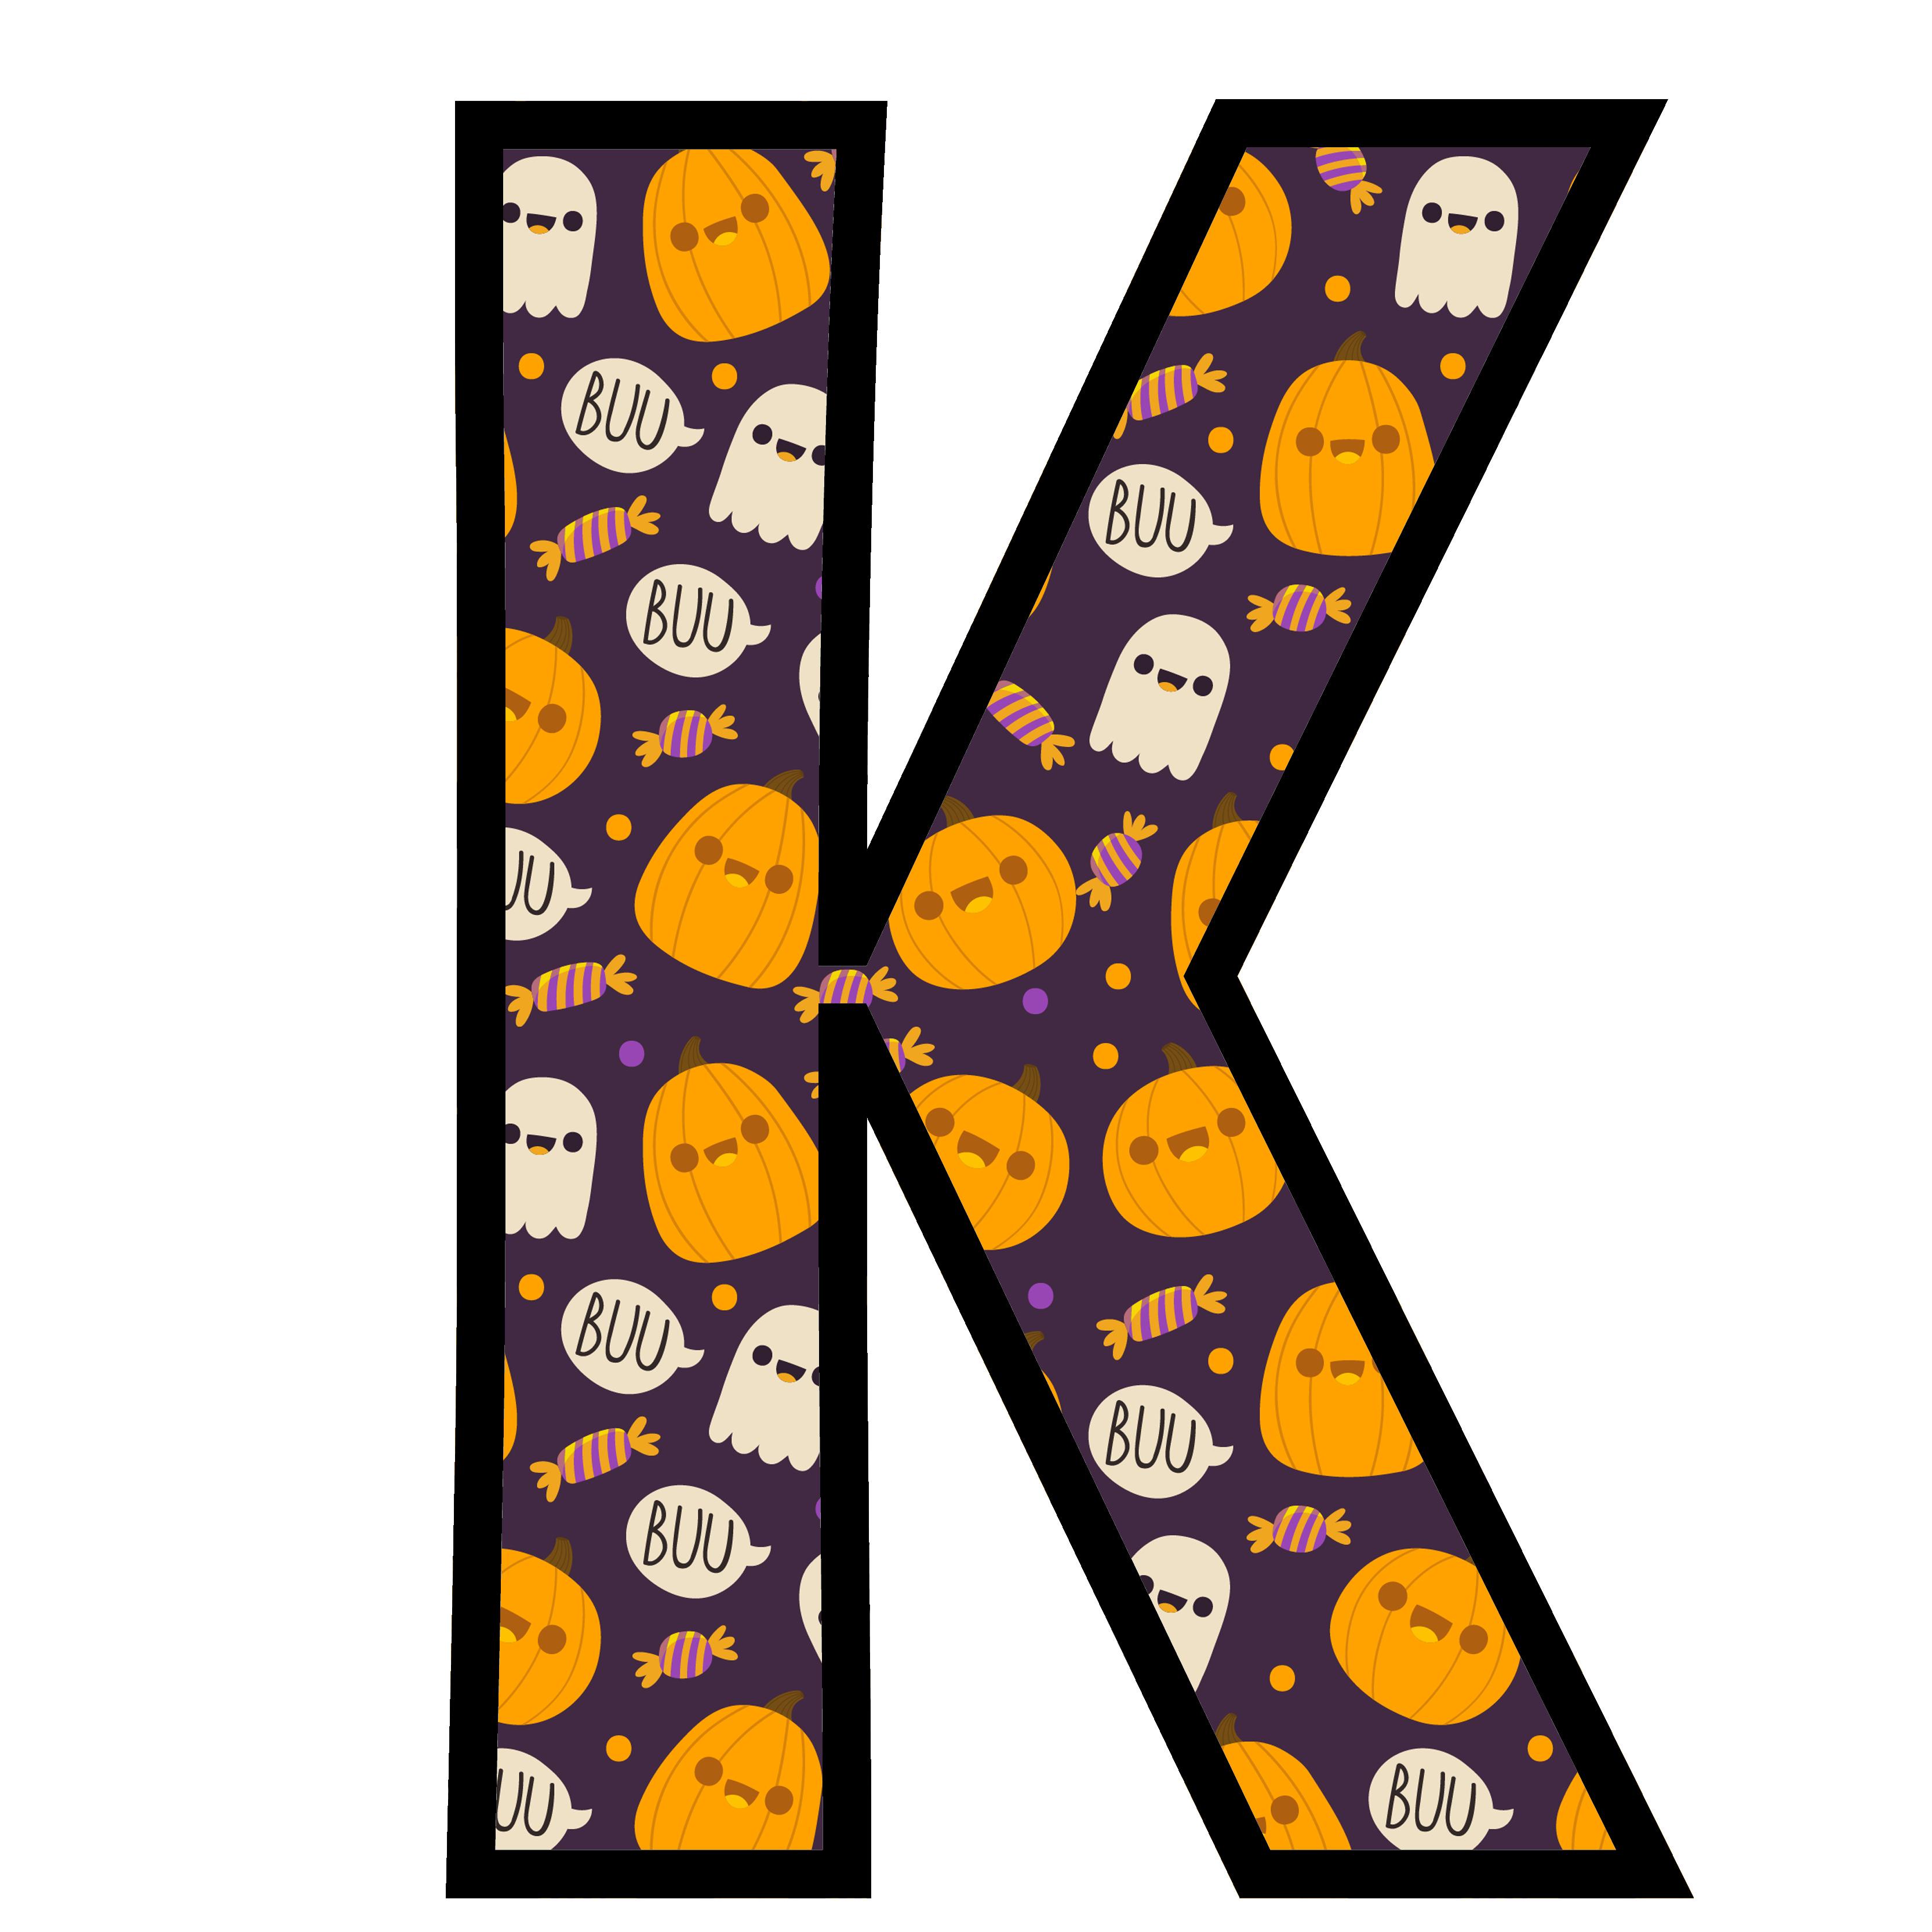 alfabeto personalizado fantasma halloween 11